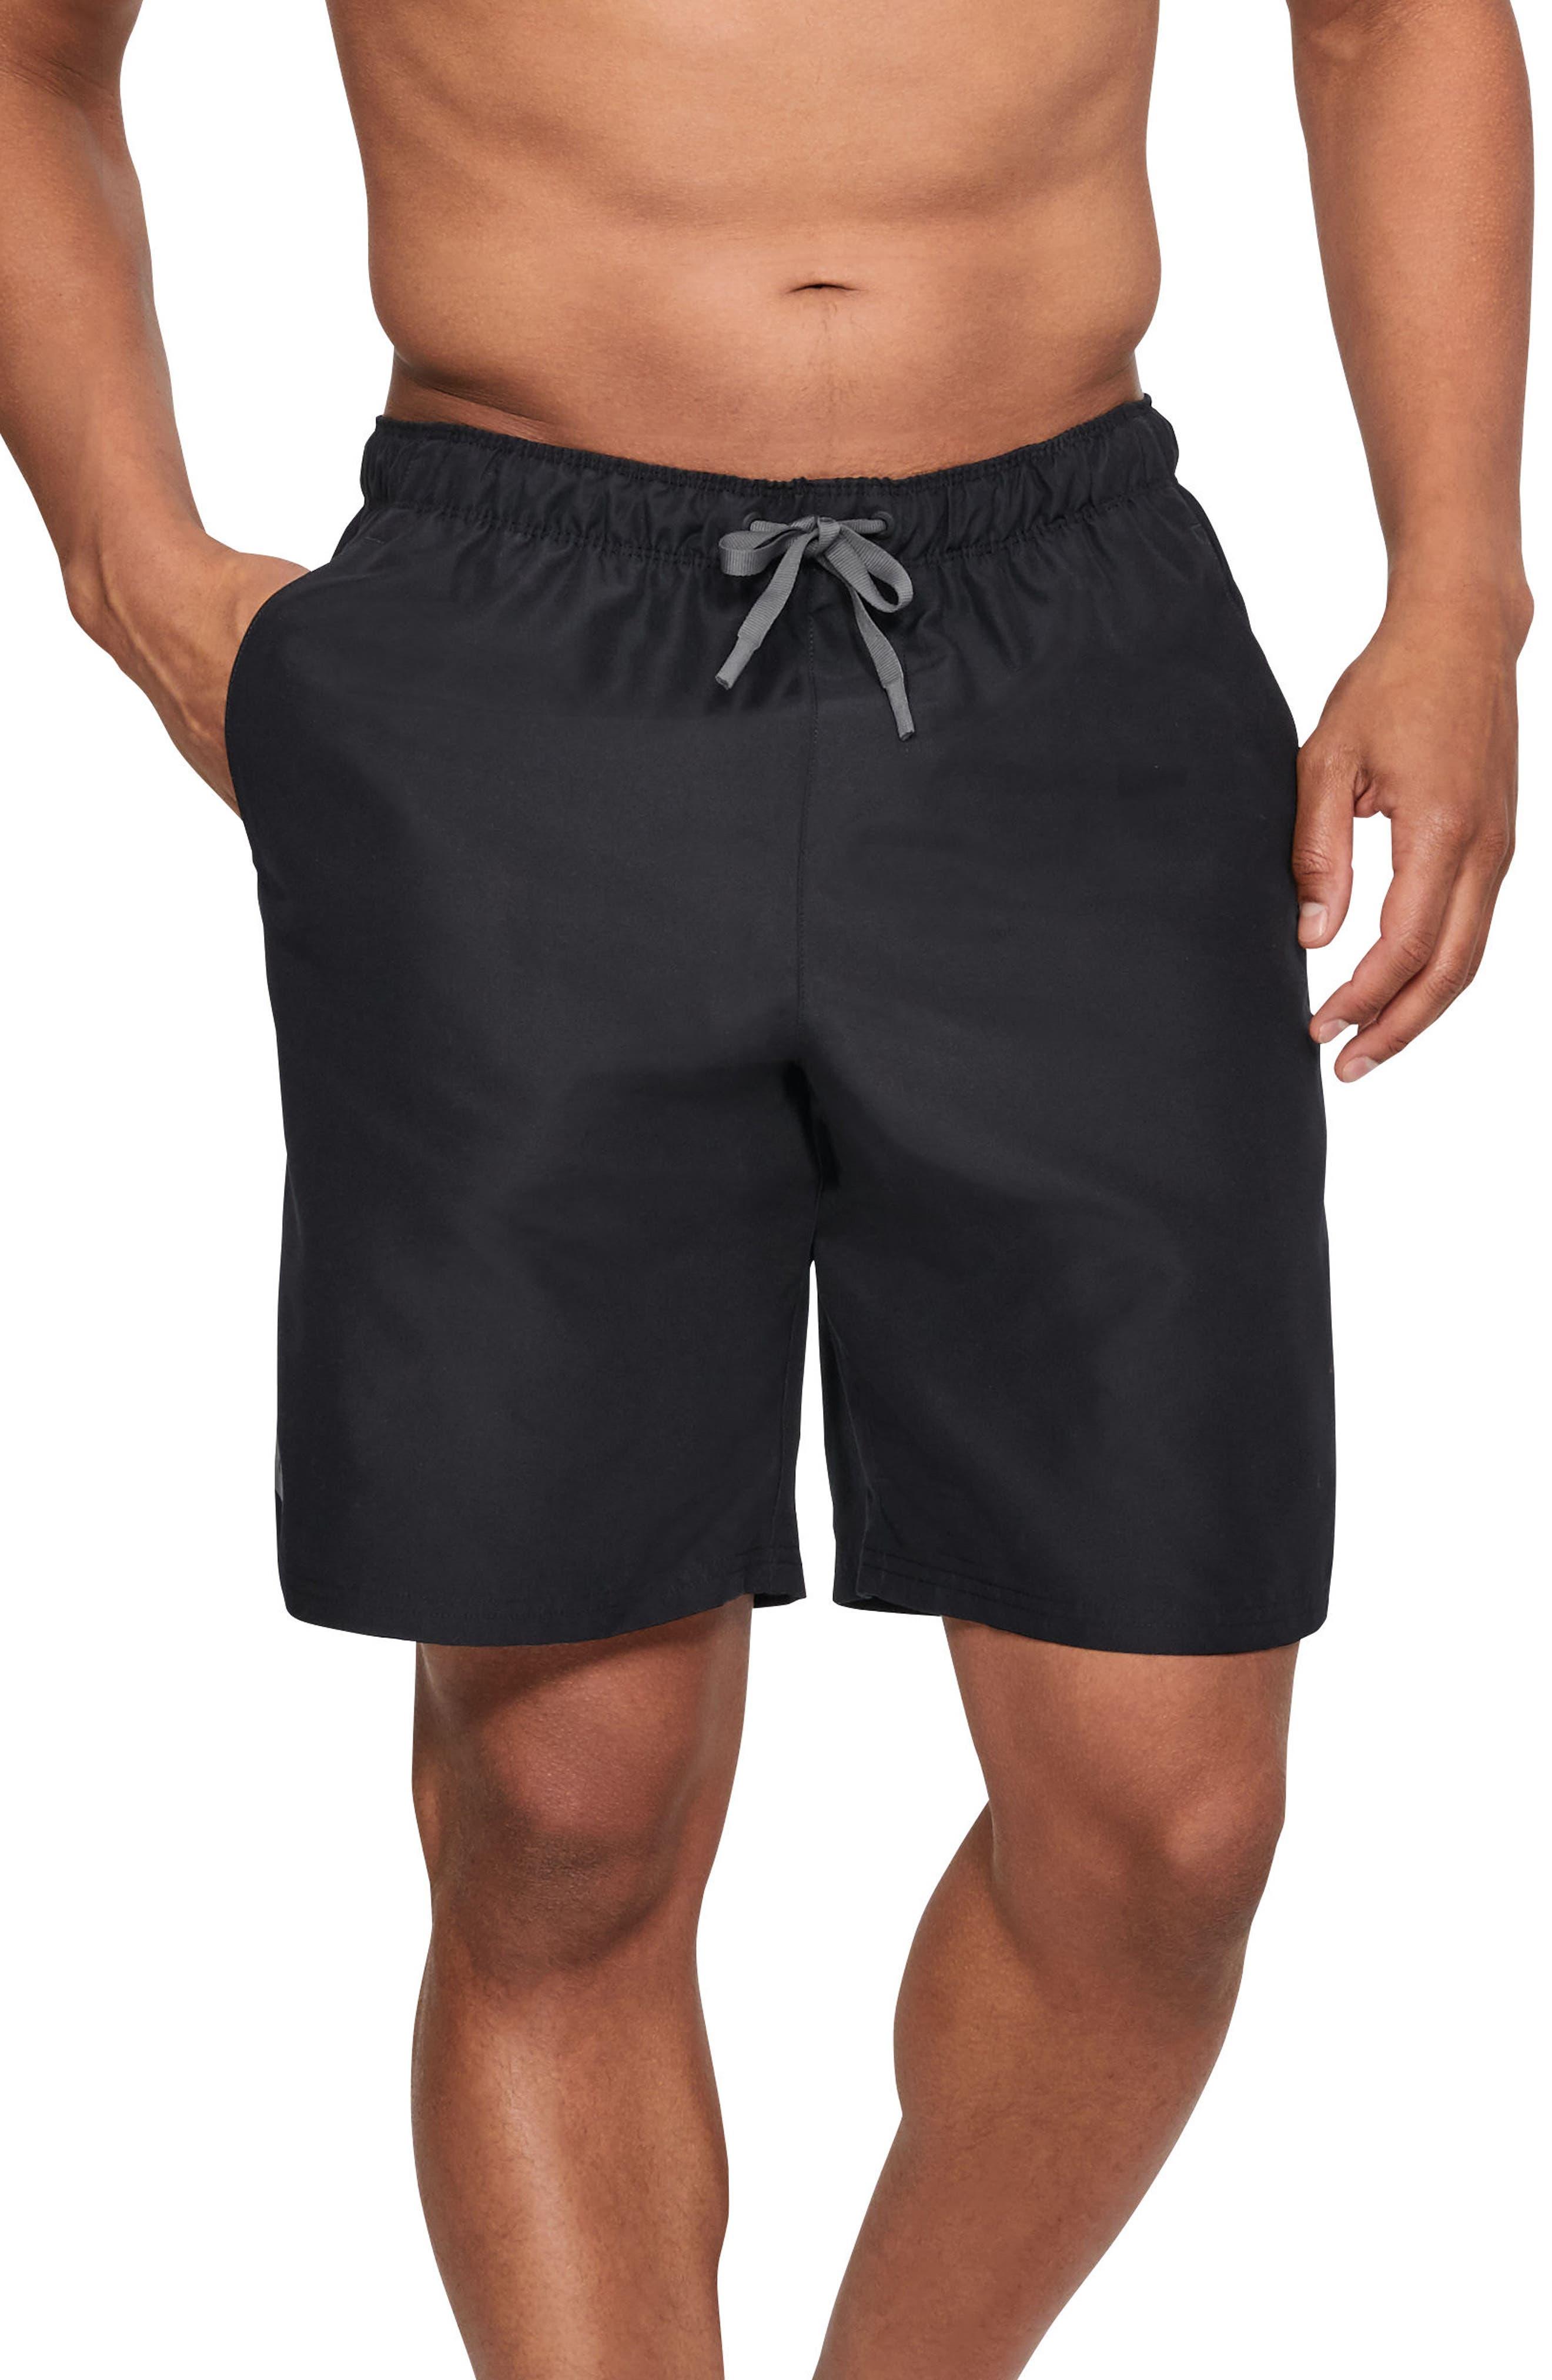 Mania Athletic Shorts,                             Main thumbnail 1, color,                             001